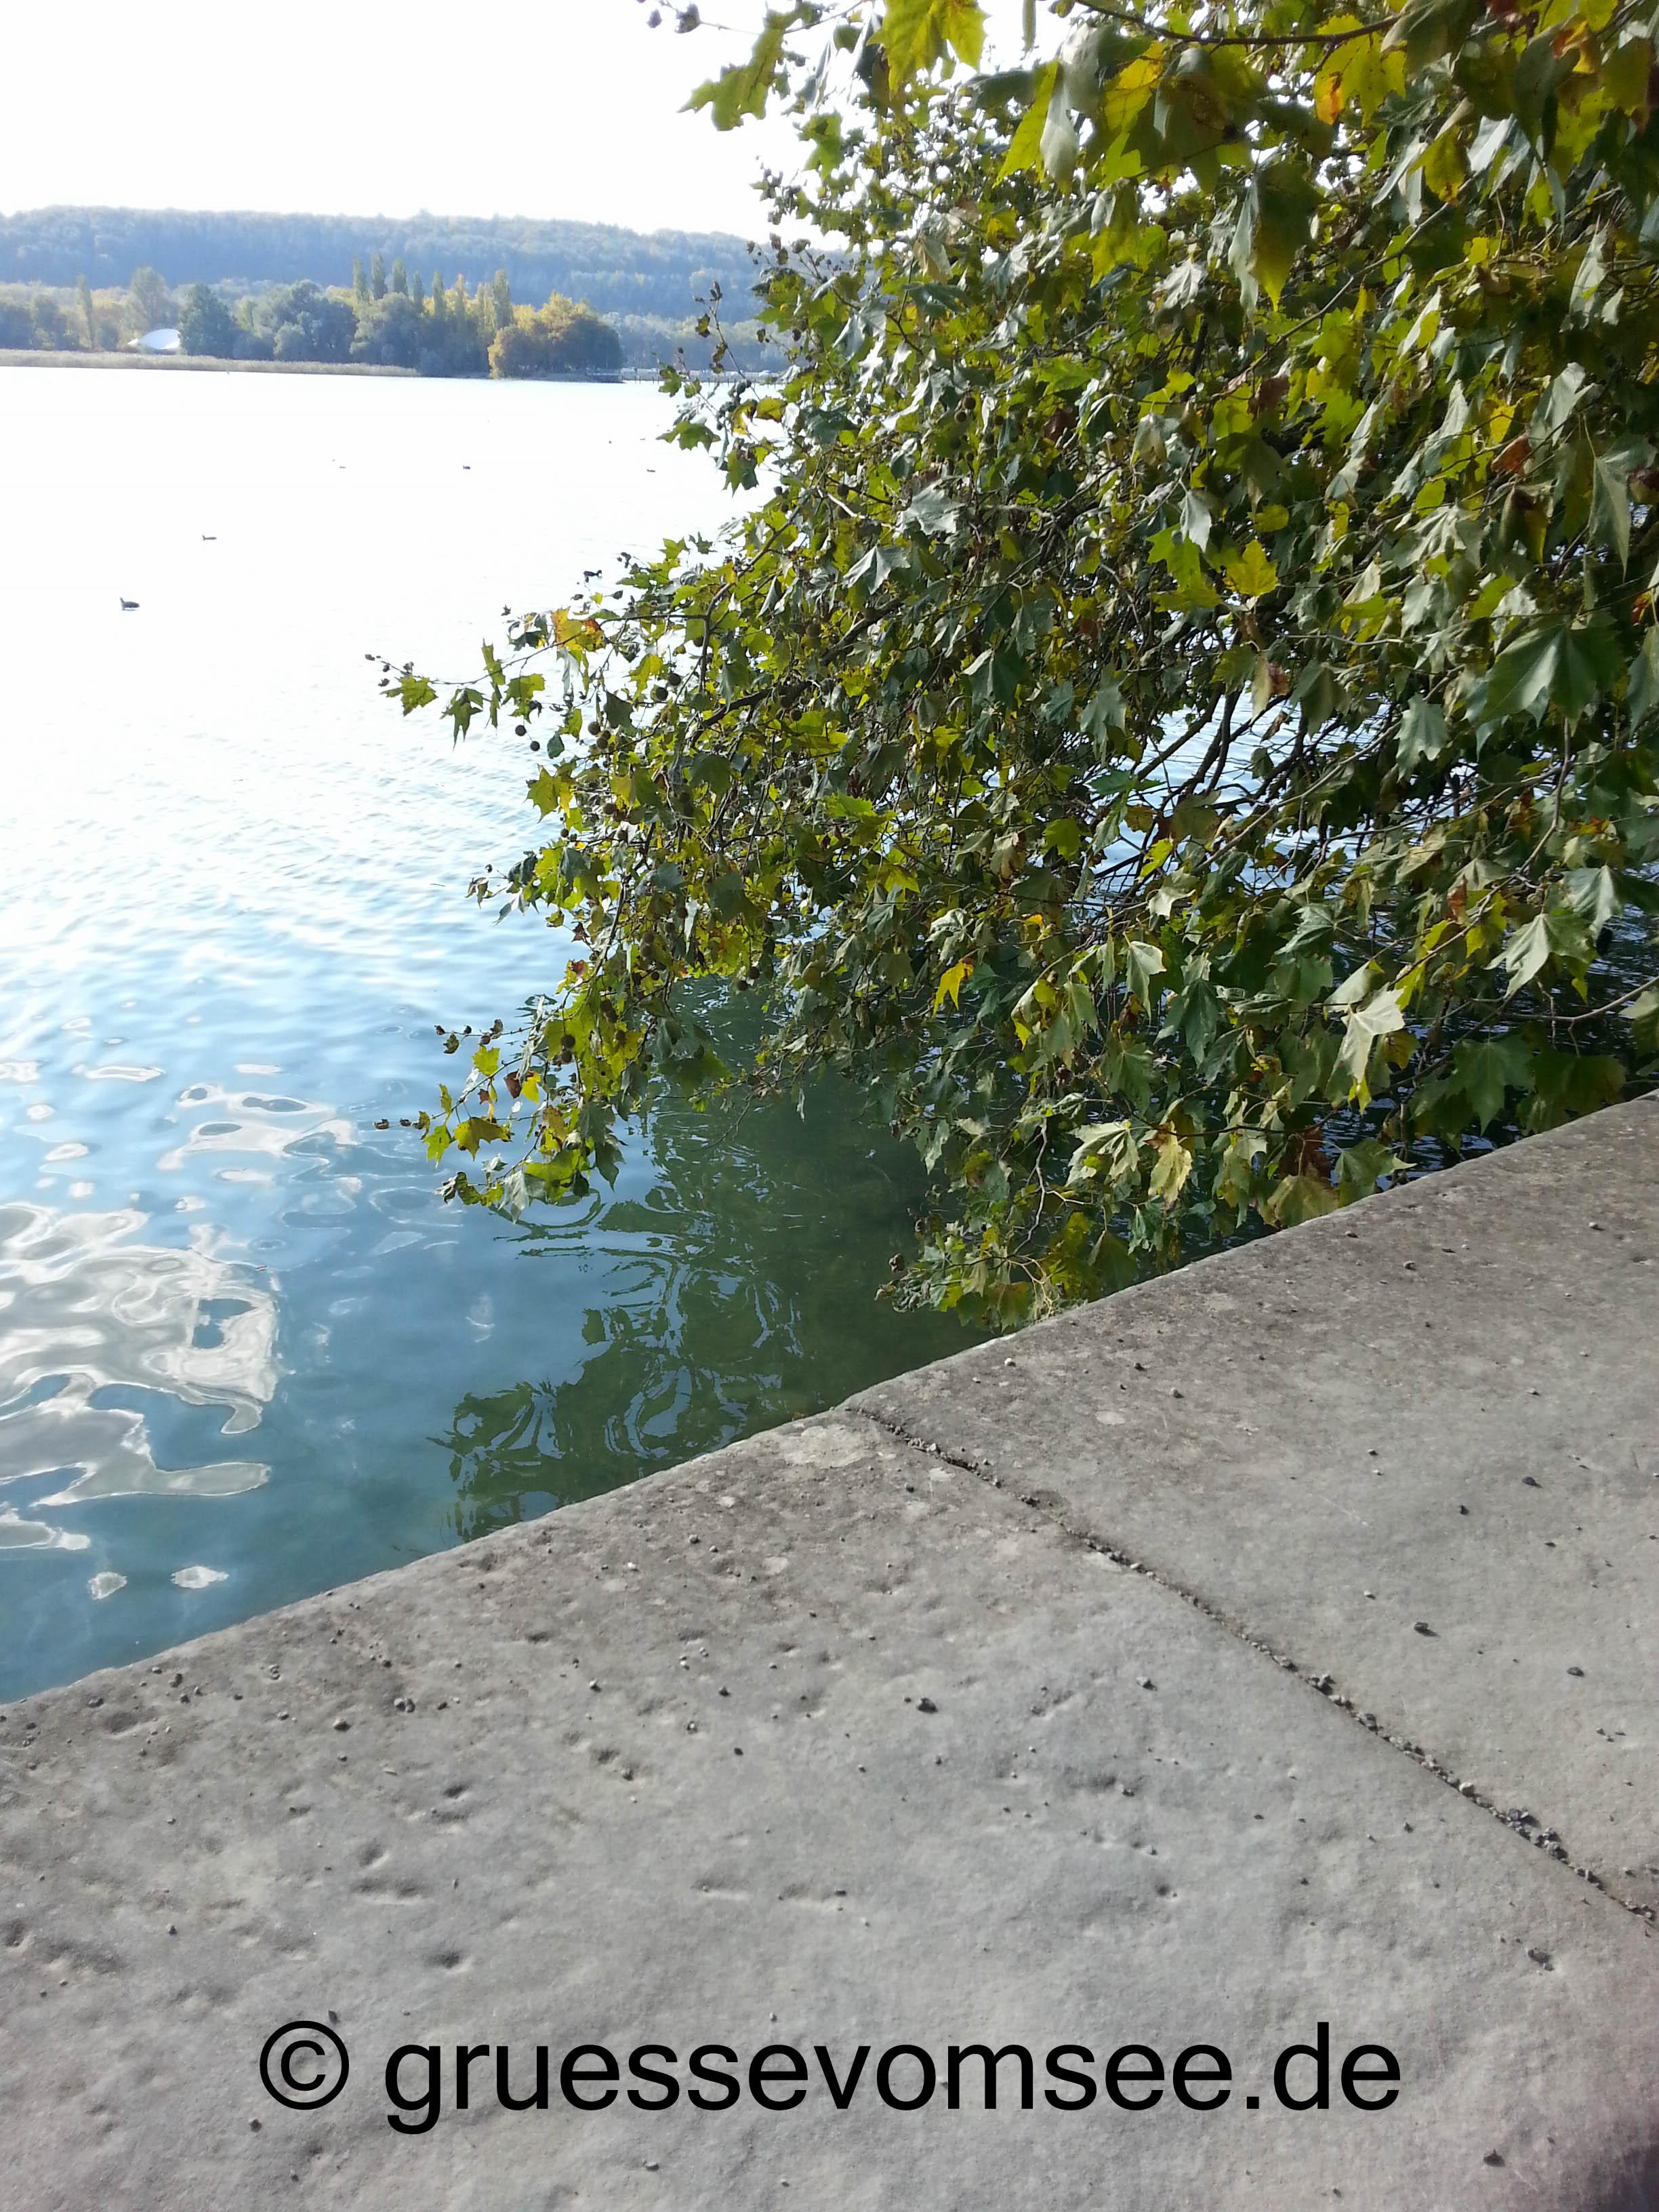 Mainau_See_Herbsttag_gruessevomsee